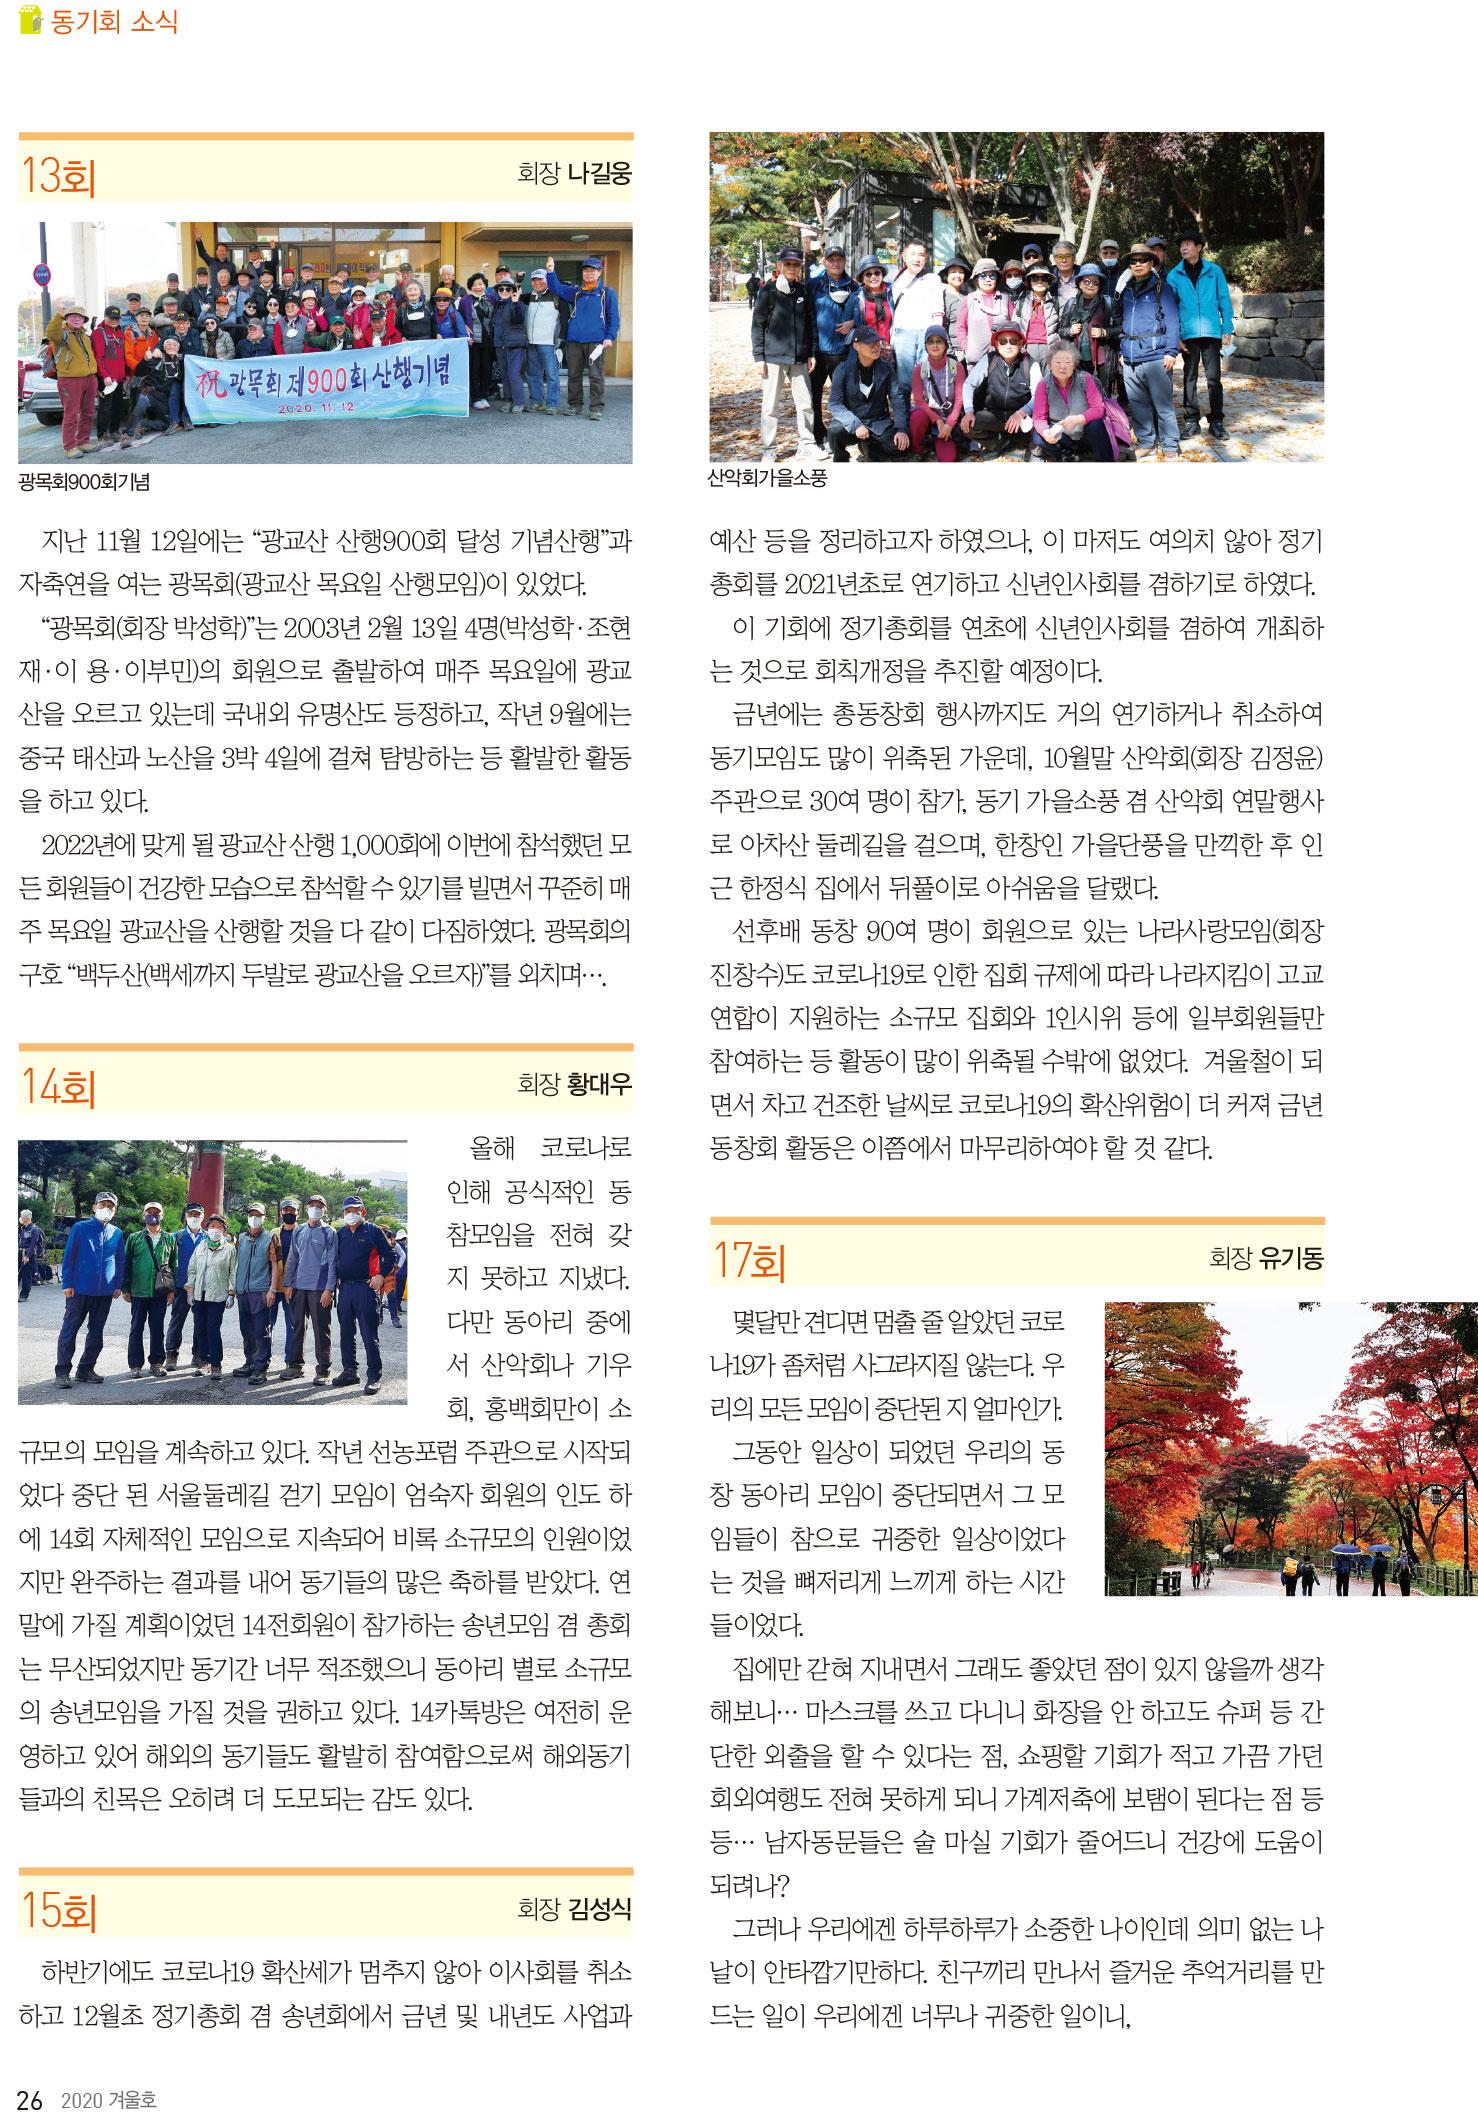 서울사대부고-115호-홈페이지-26.jpg